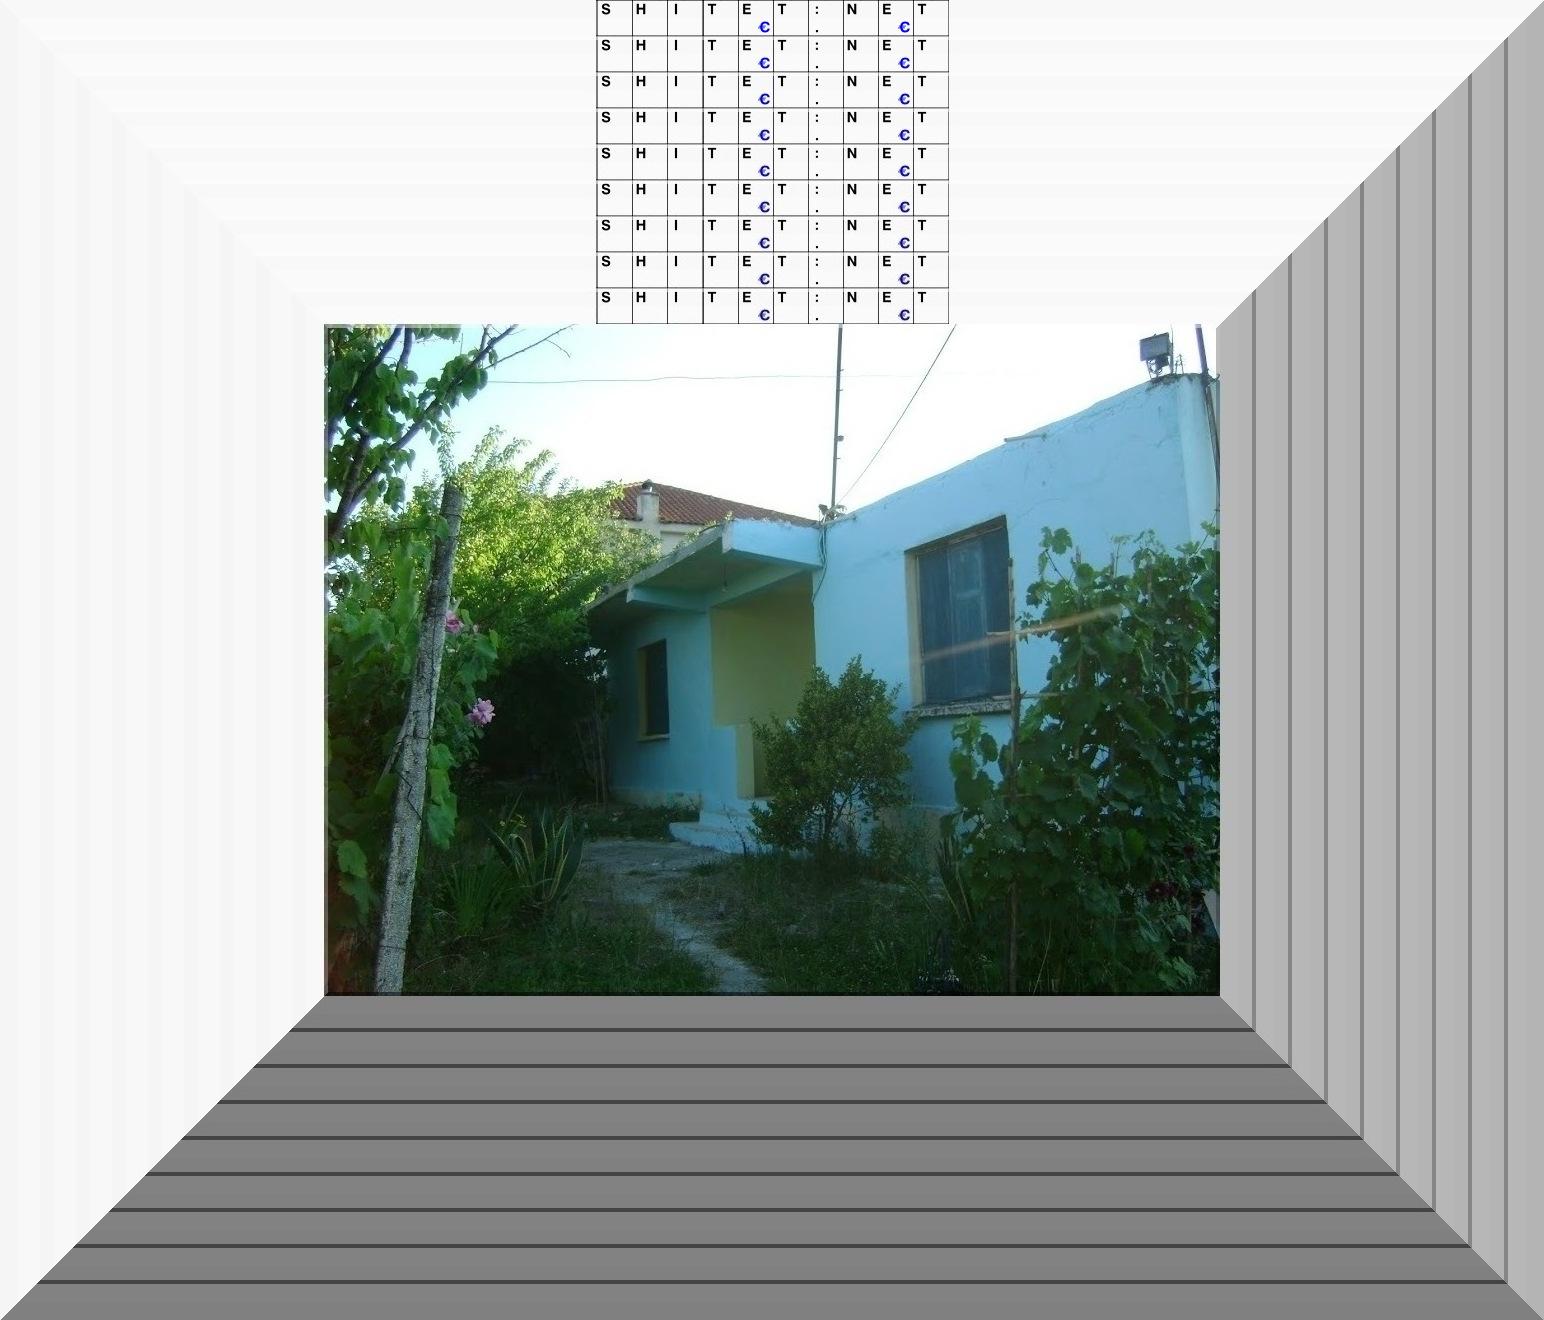 shtepi private ne rrashbul te durresit ndertu 97